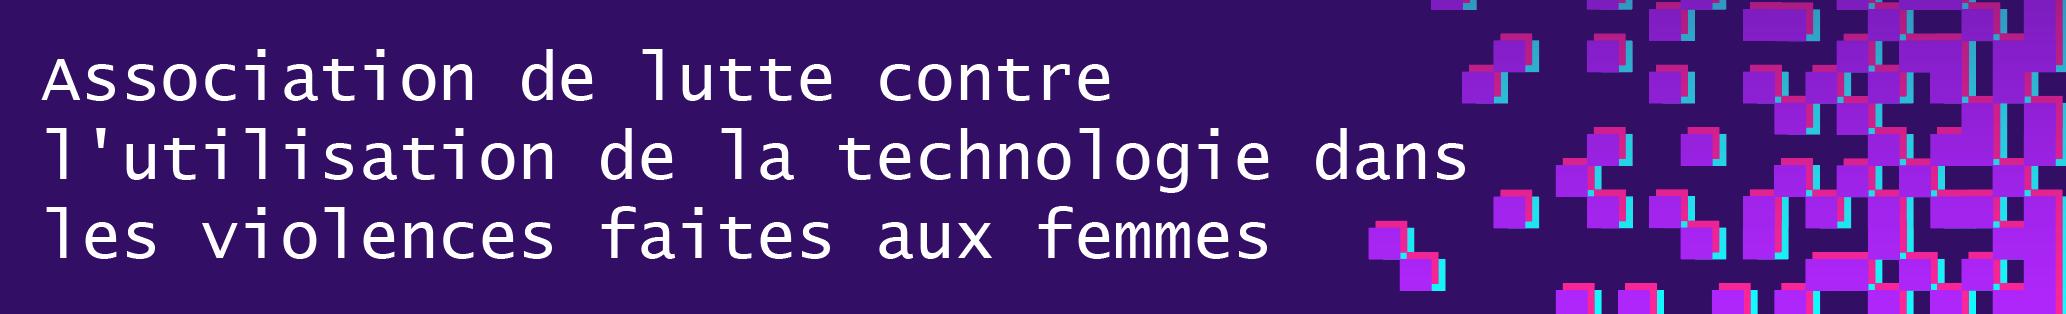 Association de lutte contre l'utilisation de la technologie dans les violences faites aux femmes